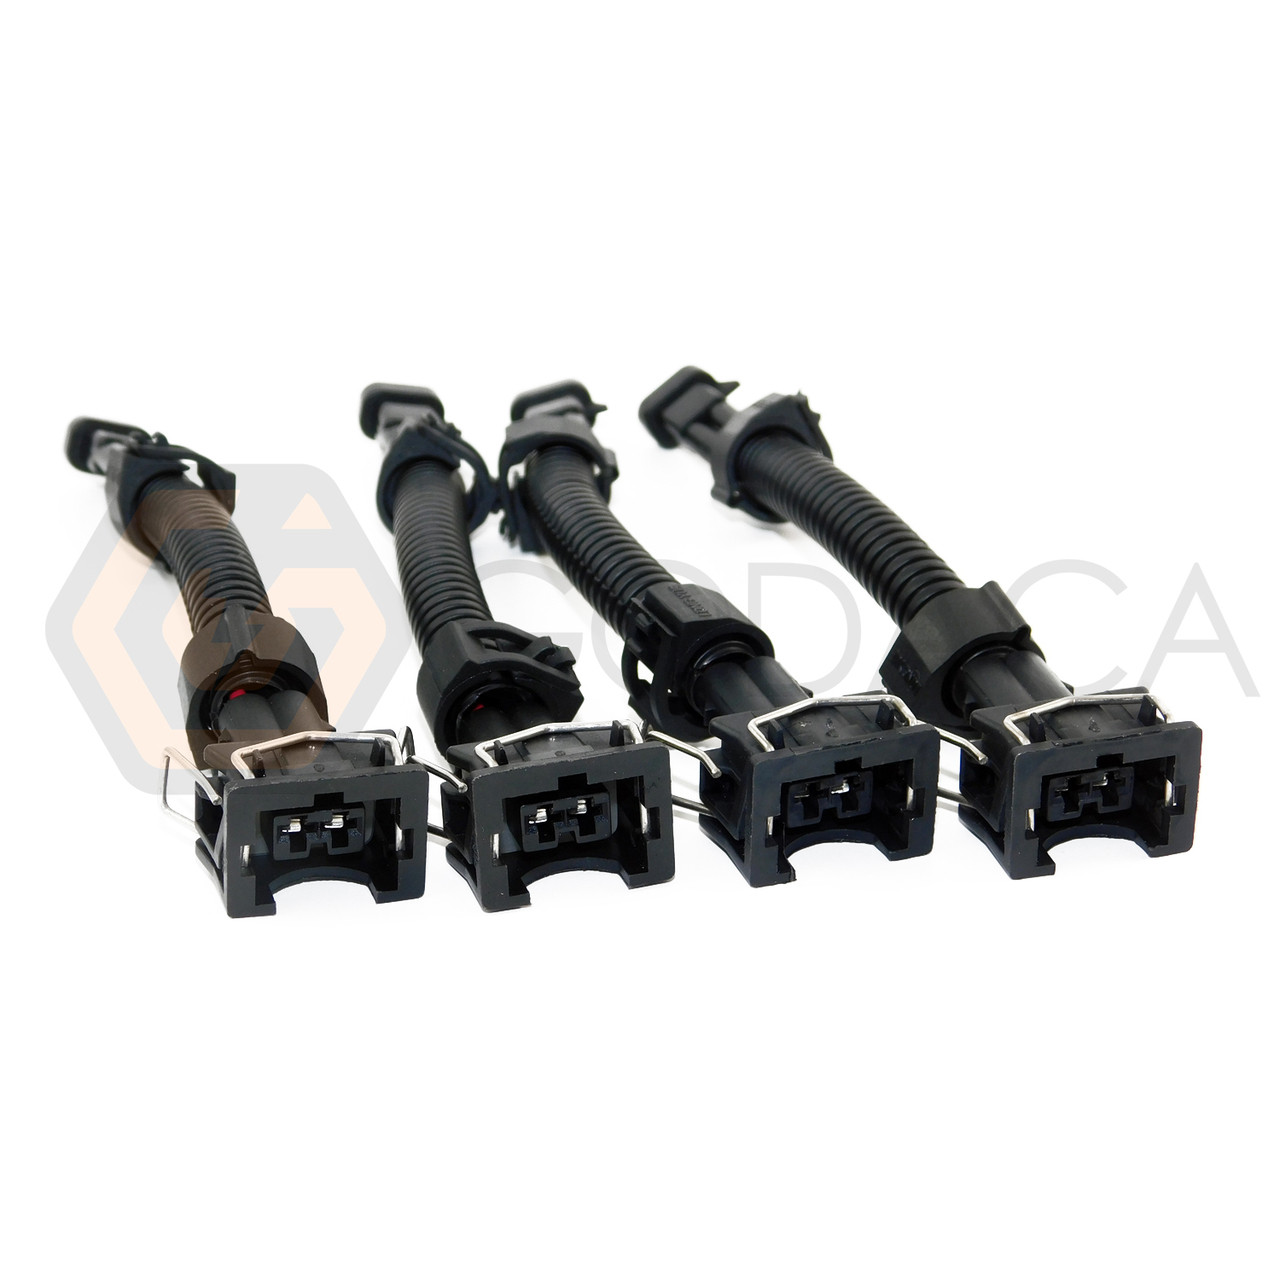 4x Wiring Harness LS1 LS6 LT1 EV1 to Mini Delphi LQ4, LQ9 Fuel injector  Adapter